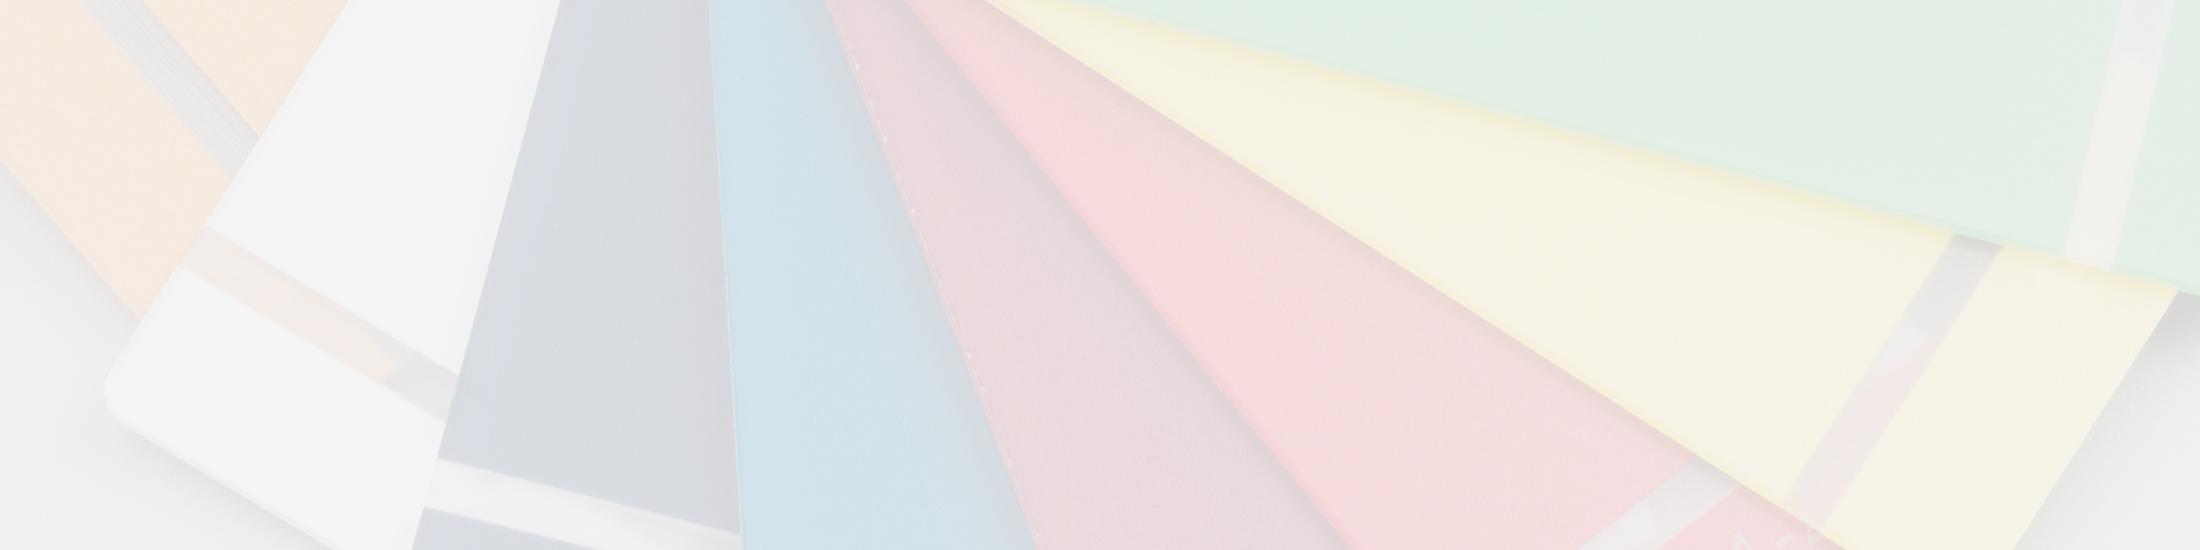 graveerbaar kunststof TroPly Ultra Reverse